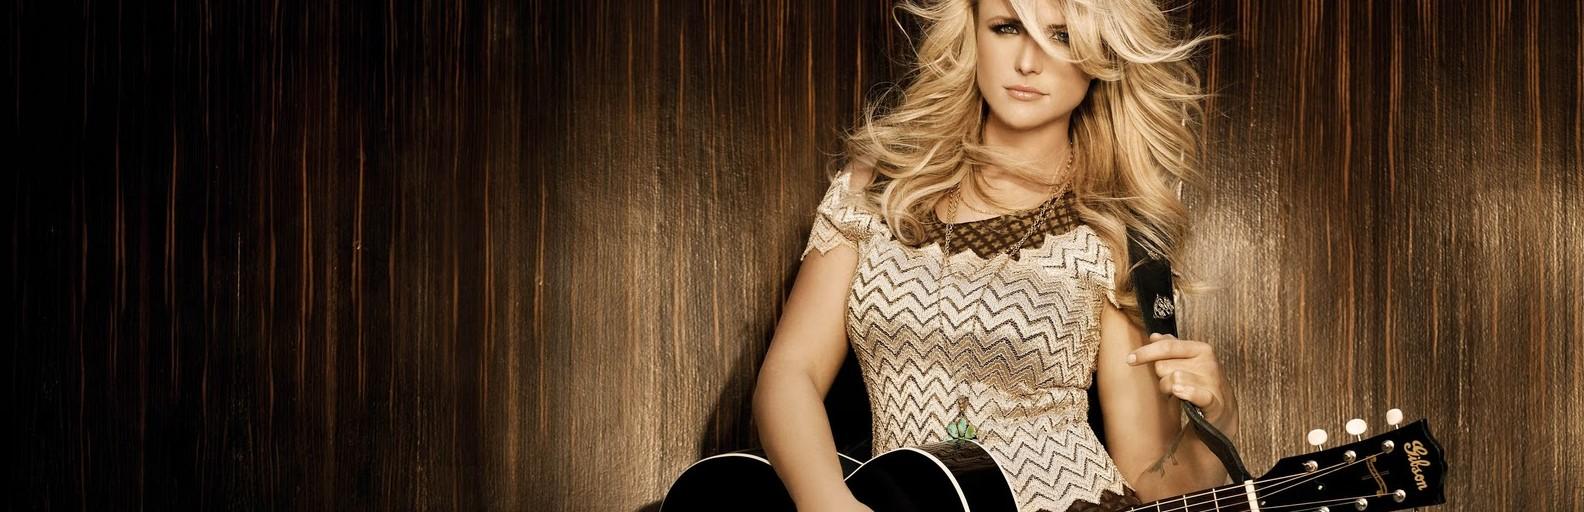 The Turntable: Miranda Lambert – Crazy Ex-Girlfriend (2007)